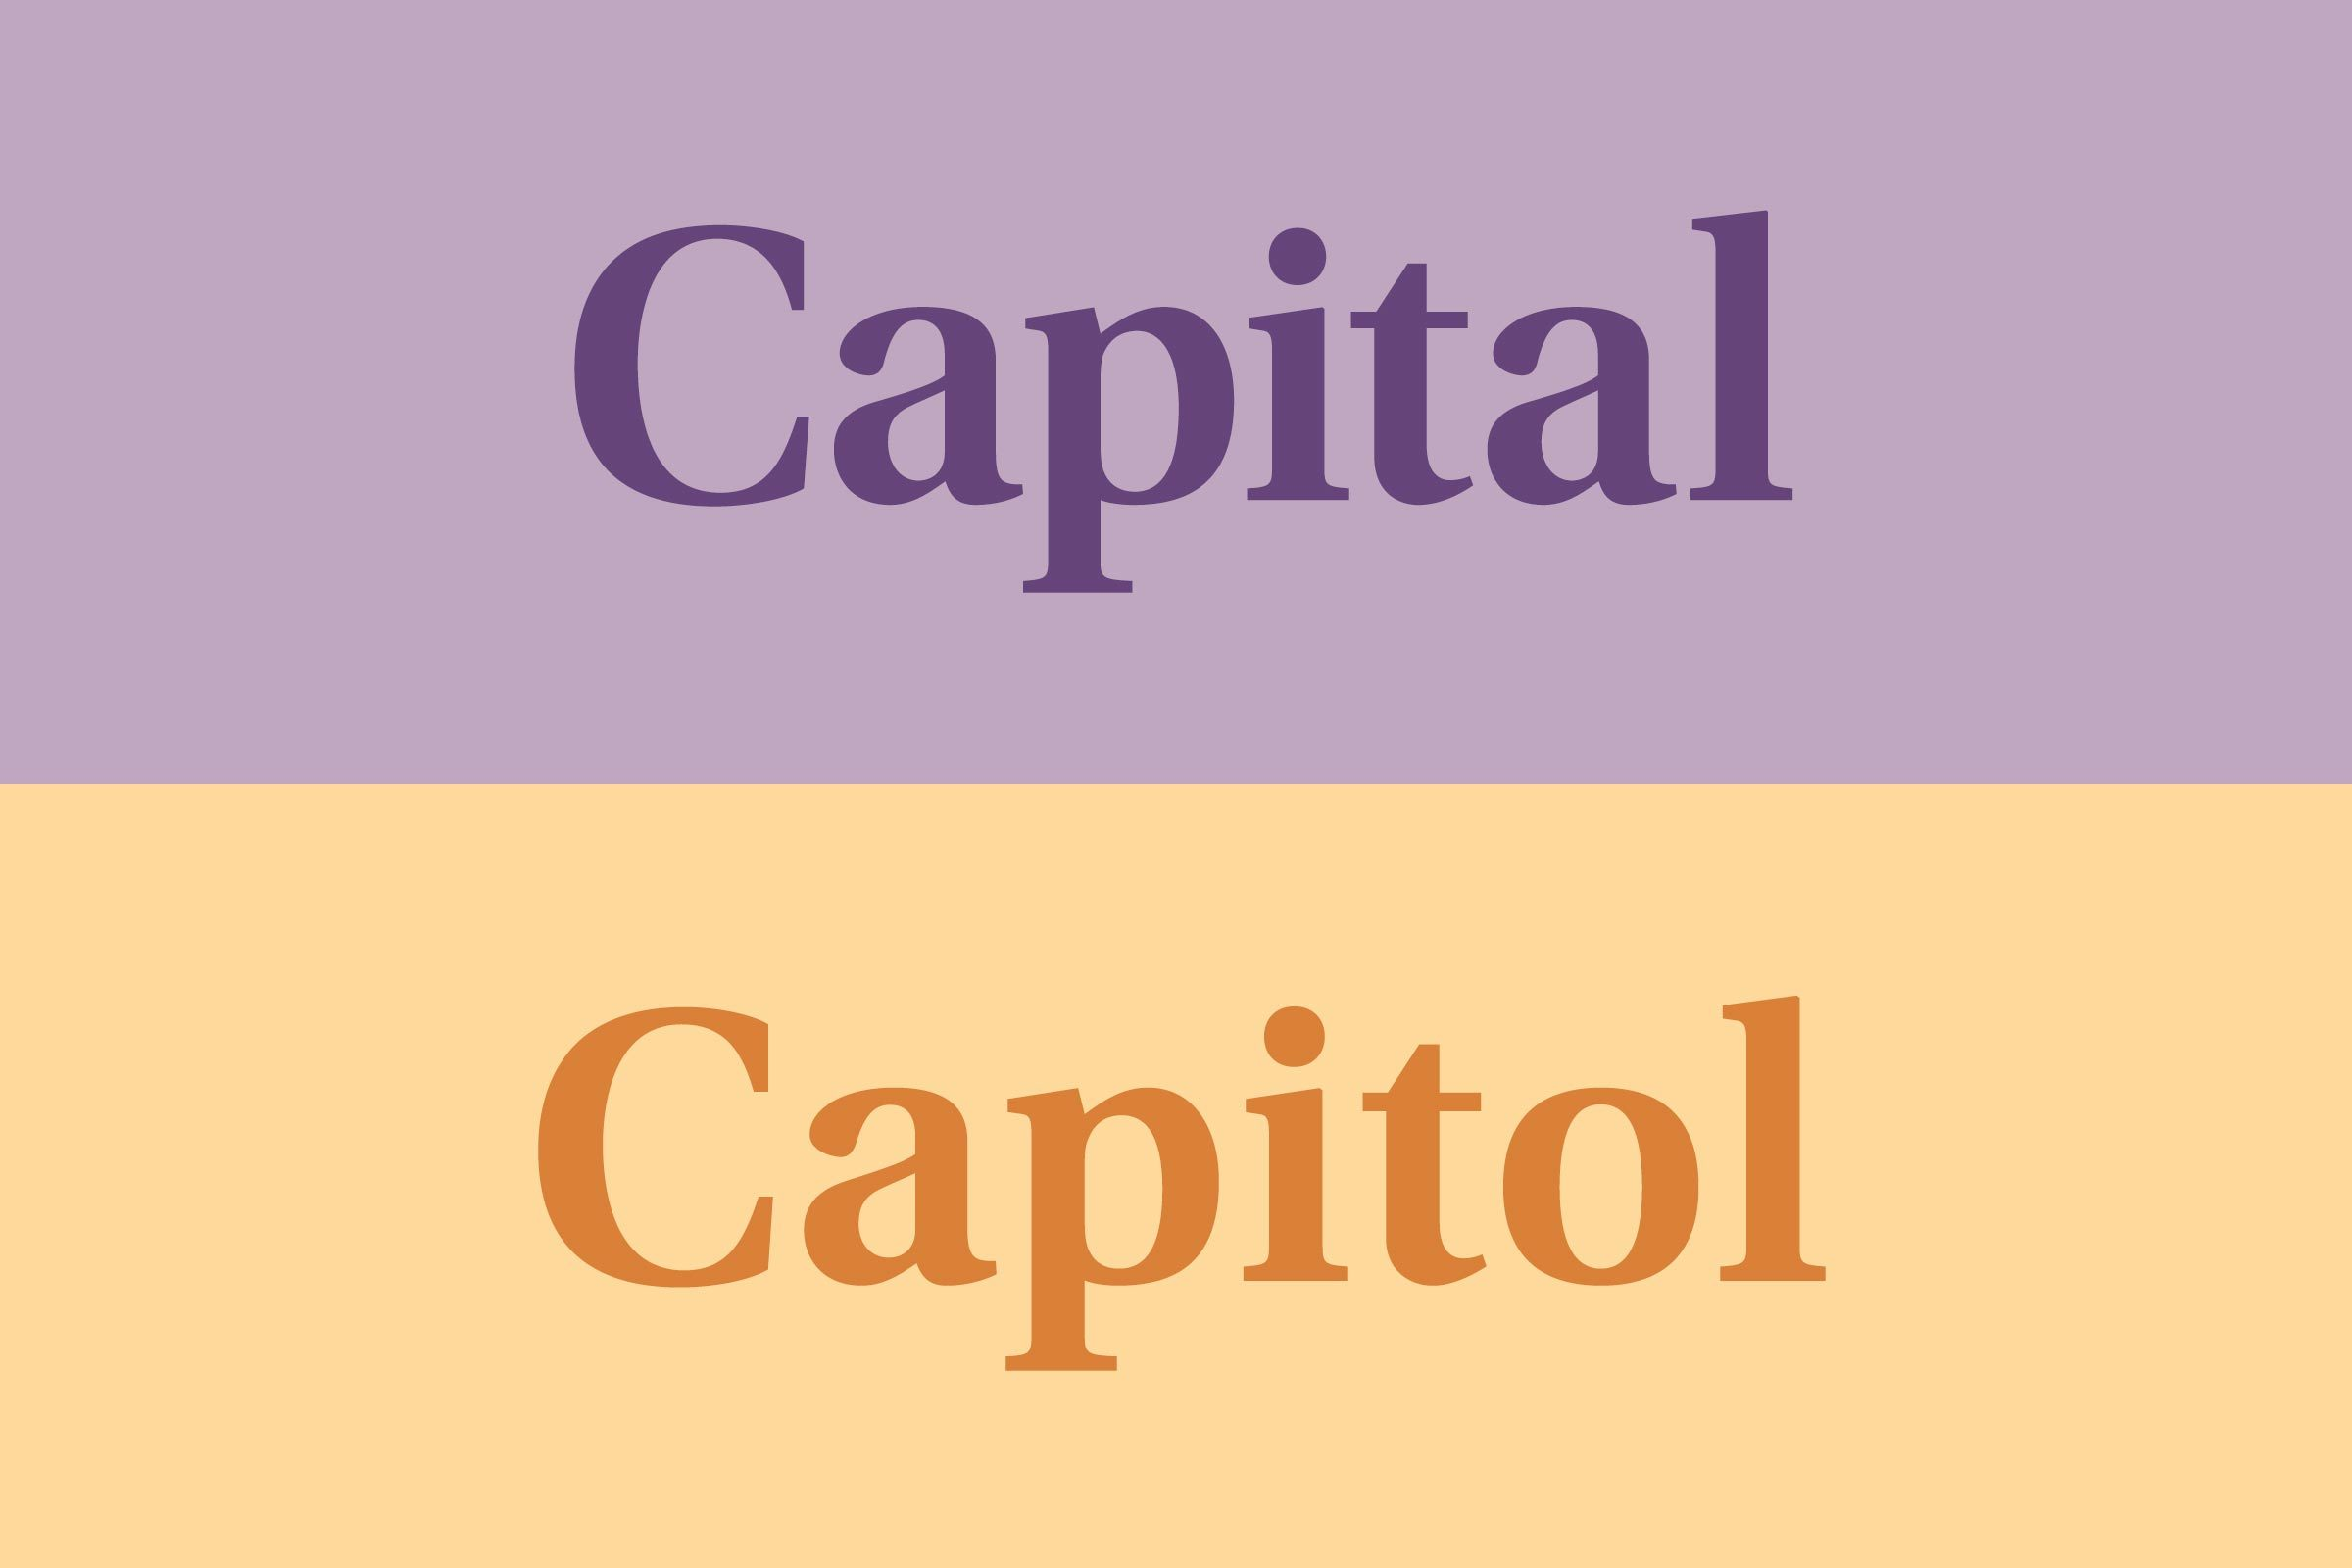 Capital vs. Capitol